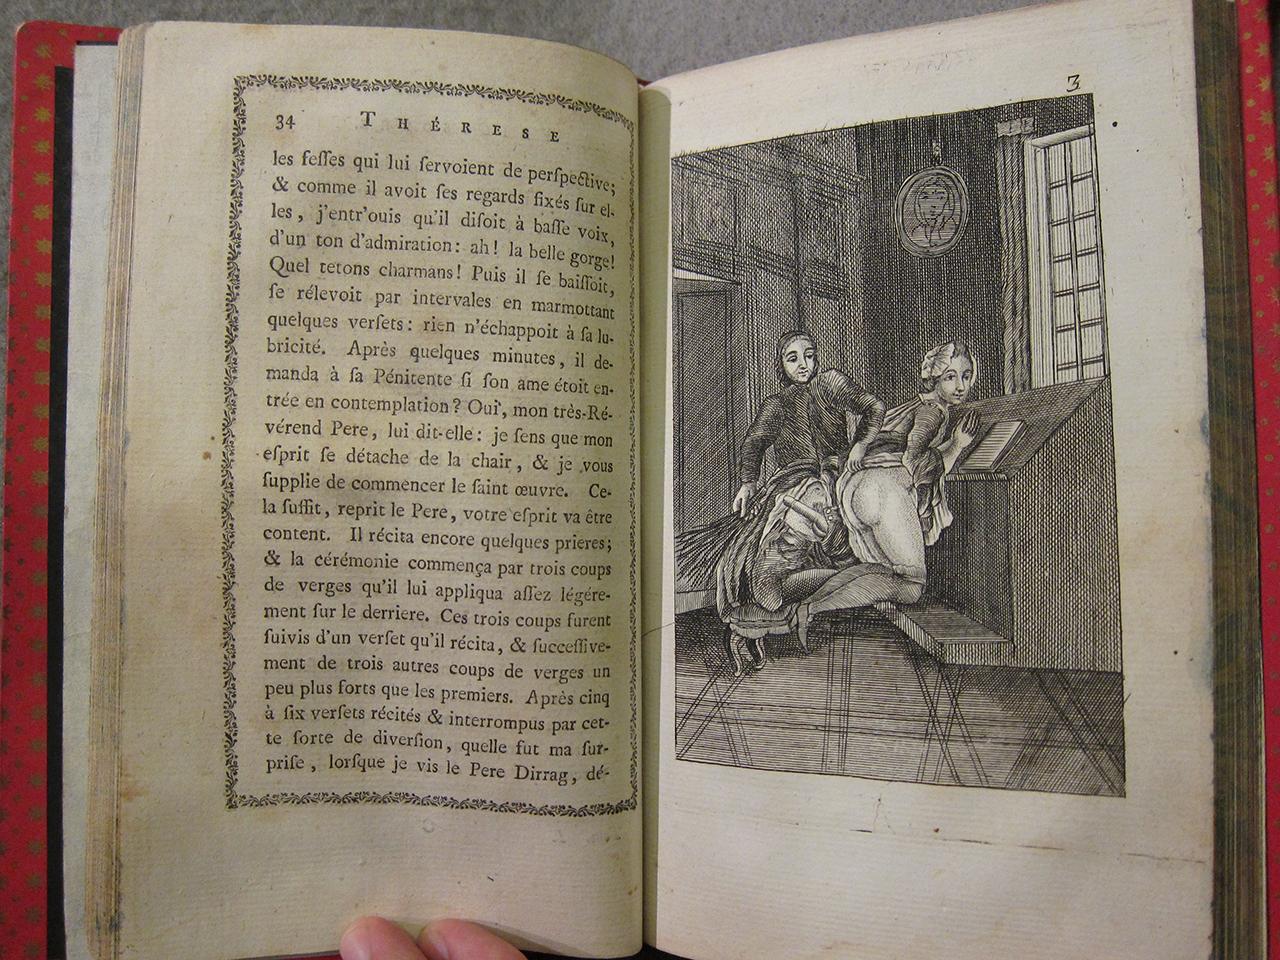 """Illustration from """"Thérese philosophe, ou, Mémoires pour servir à l'histoire du P. Dirrag, & de Mademoiselle Eradice"""" (1748?)"""